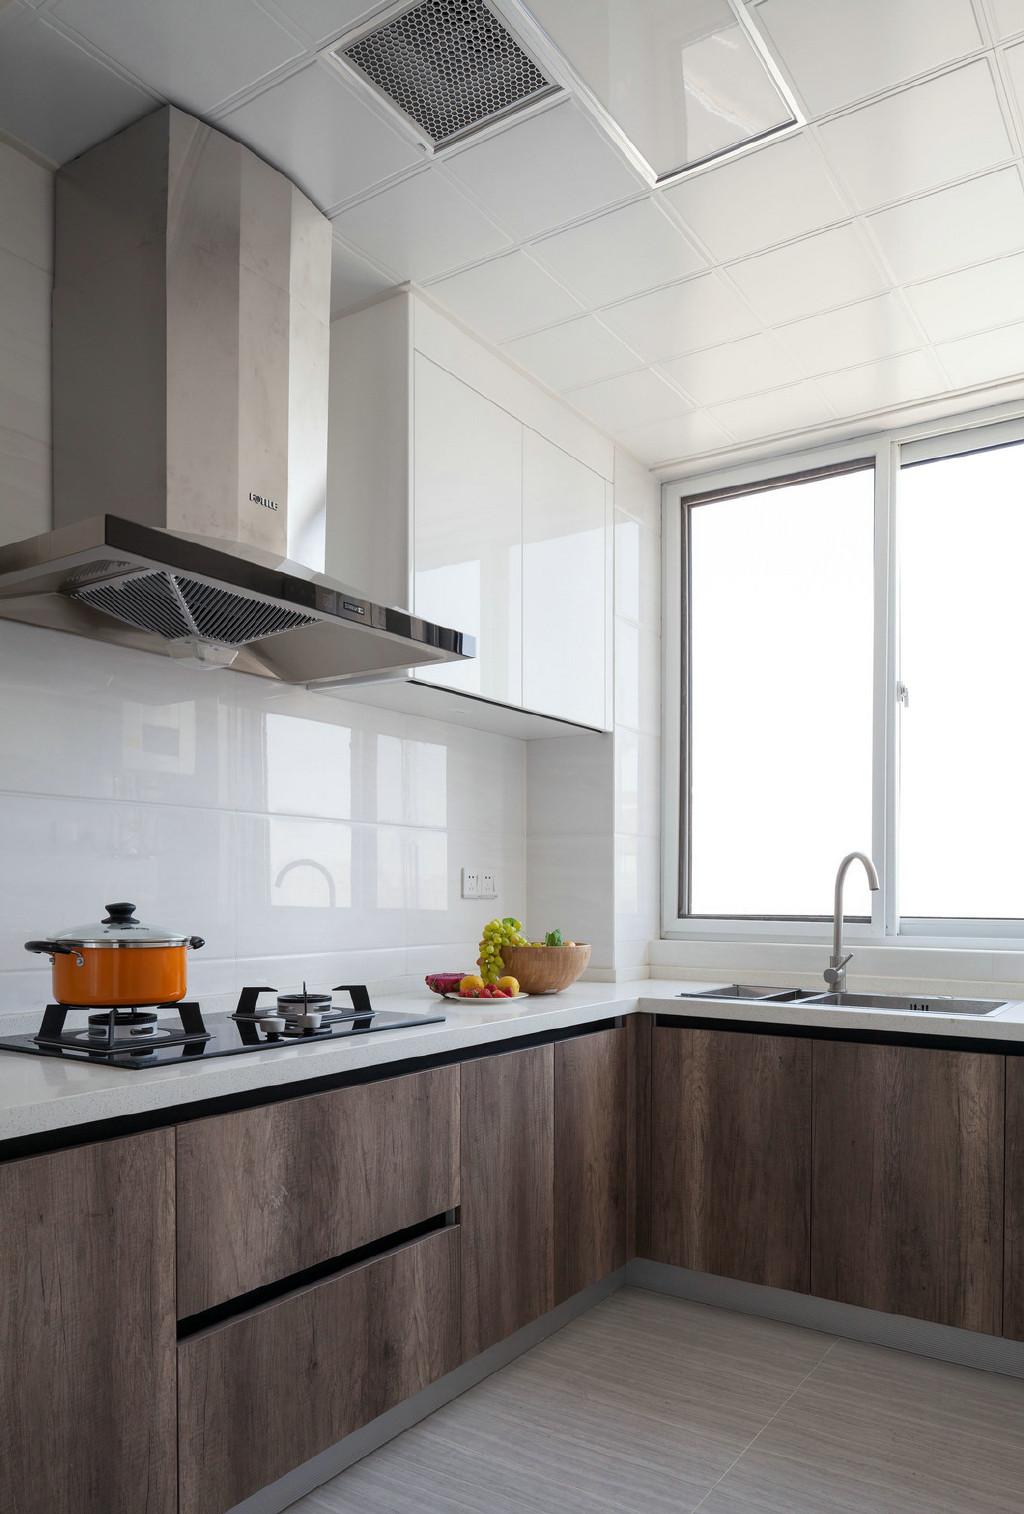 二居室现代简约风格厨房装修效果图